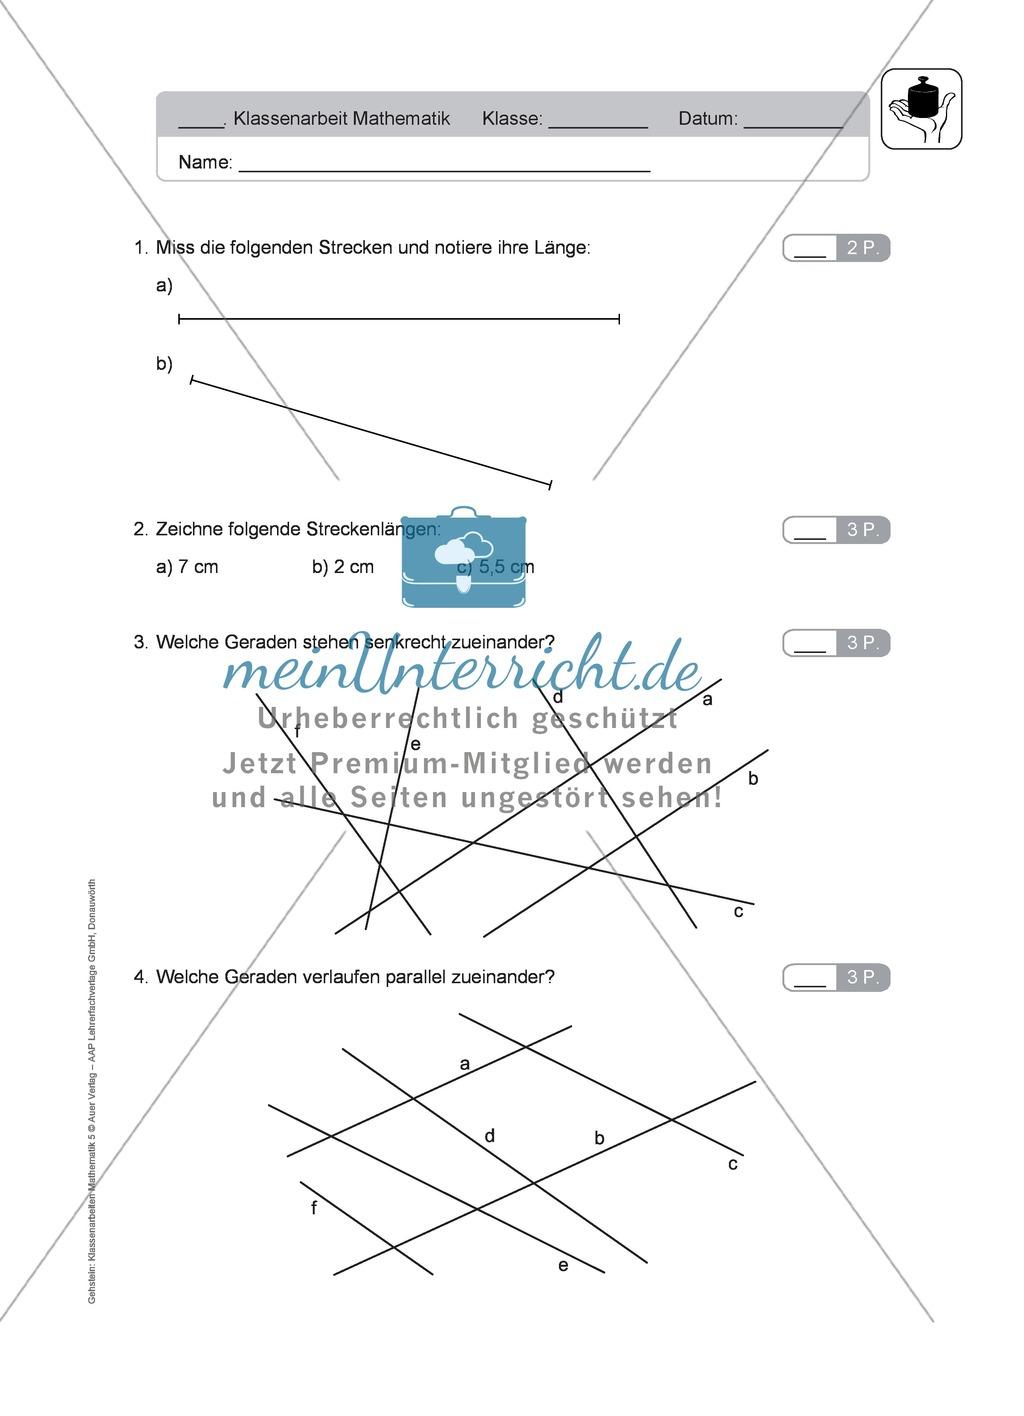 Klassenarbeit zur Geometrie Preview 1